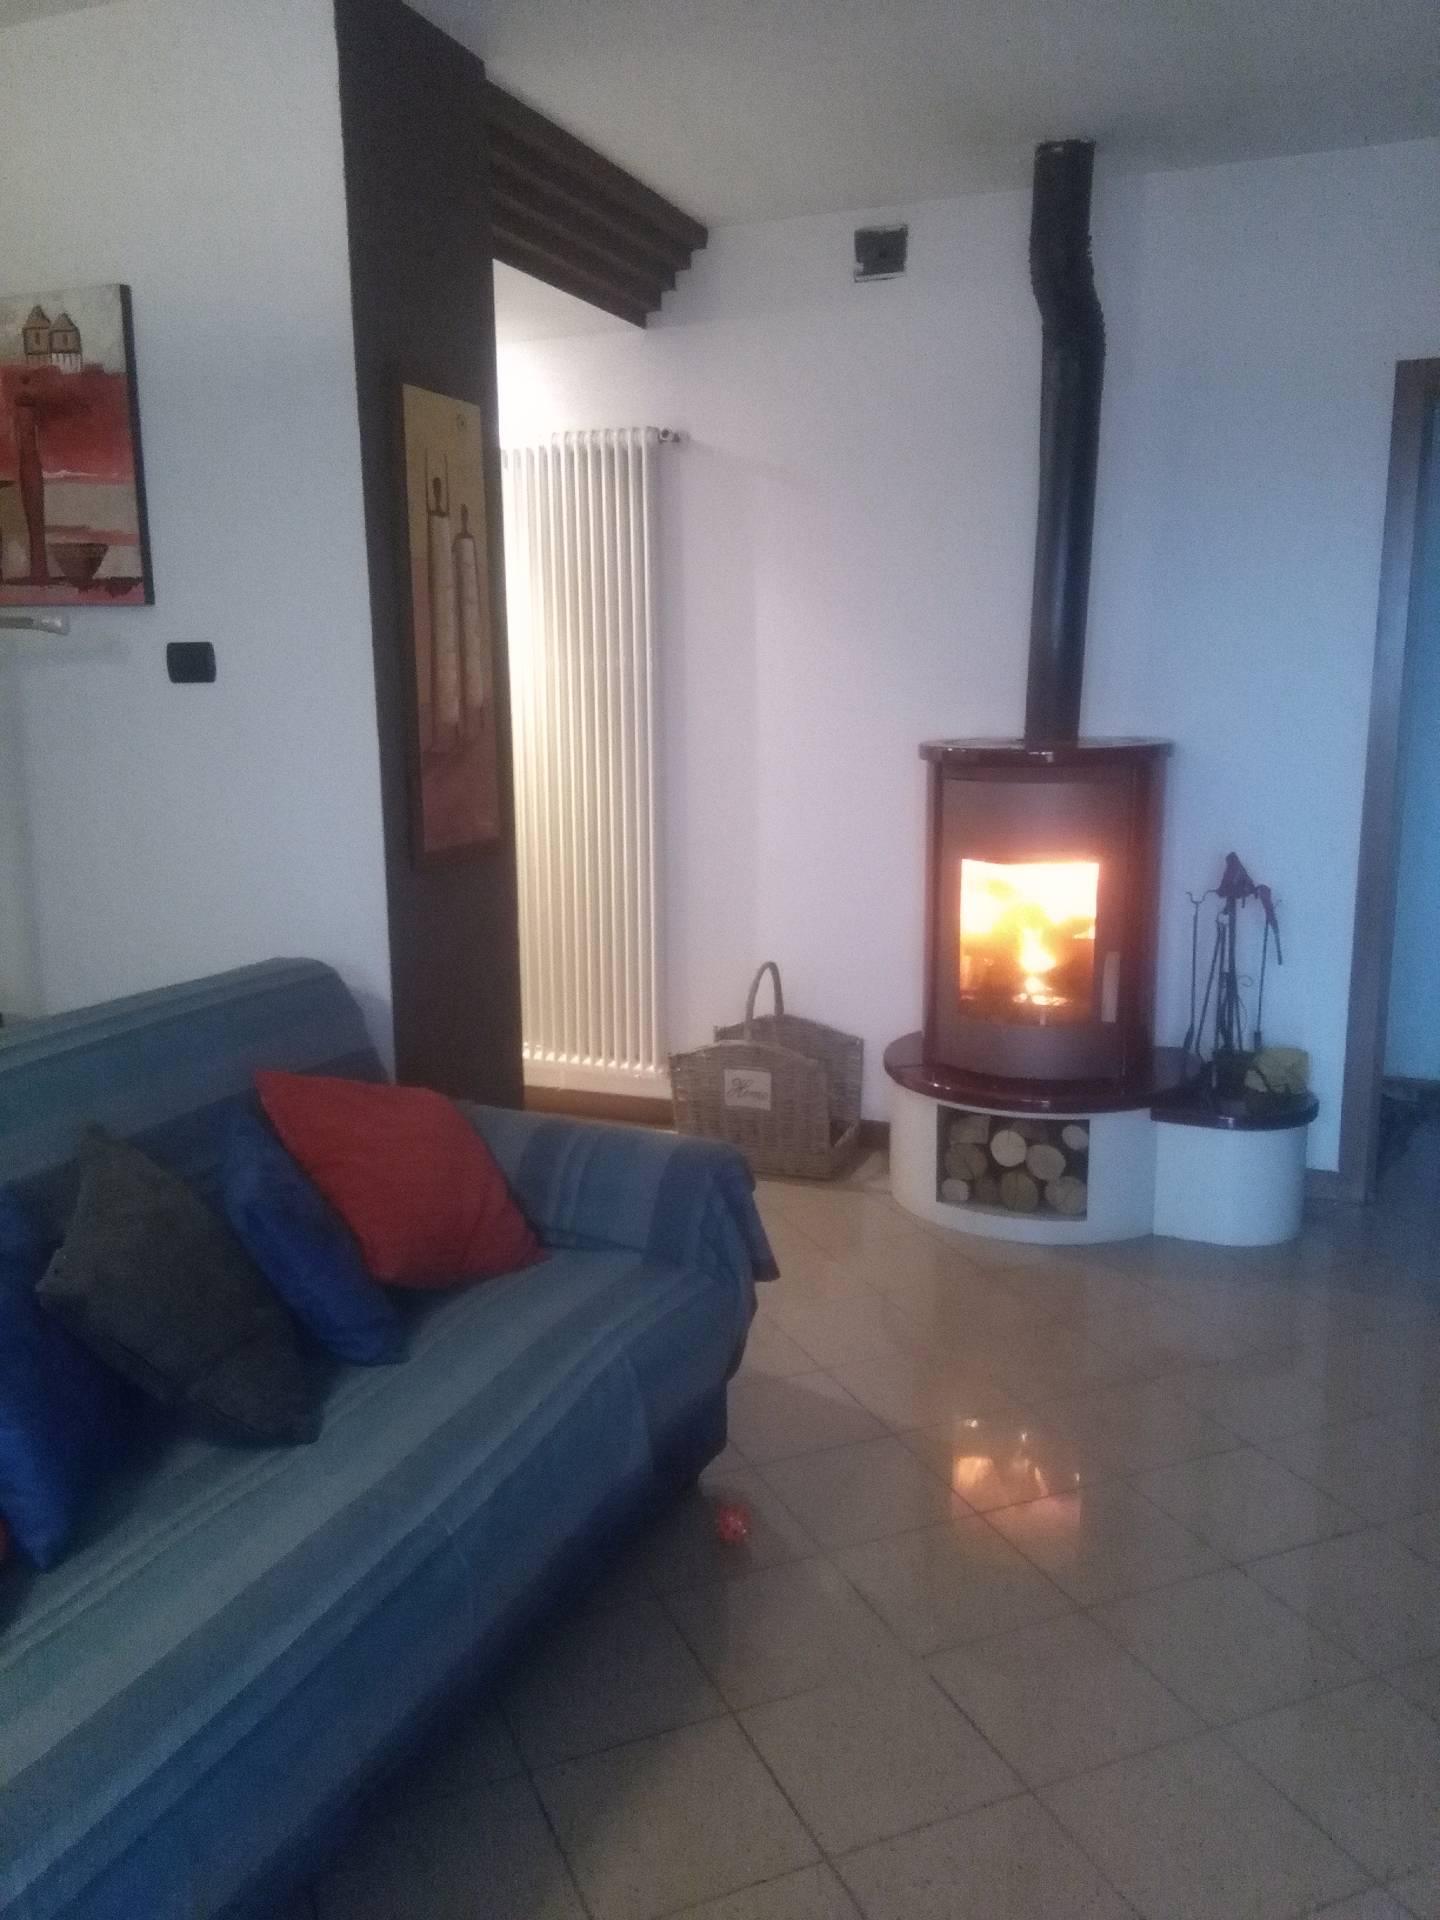 Appartamento in vendita a Santa Lucia di Piave, 7 locali, zona Località: BoccadiStrada, prezzo € 235.000 | Cambio Casa.it